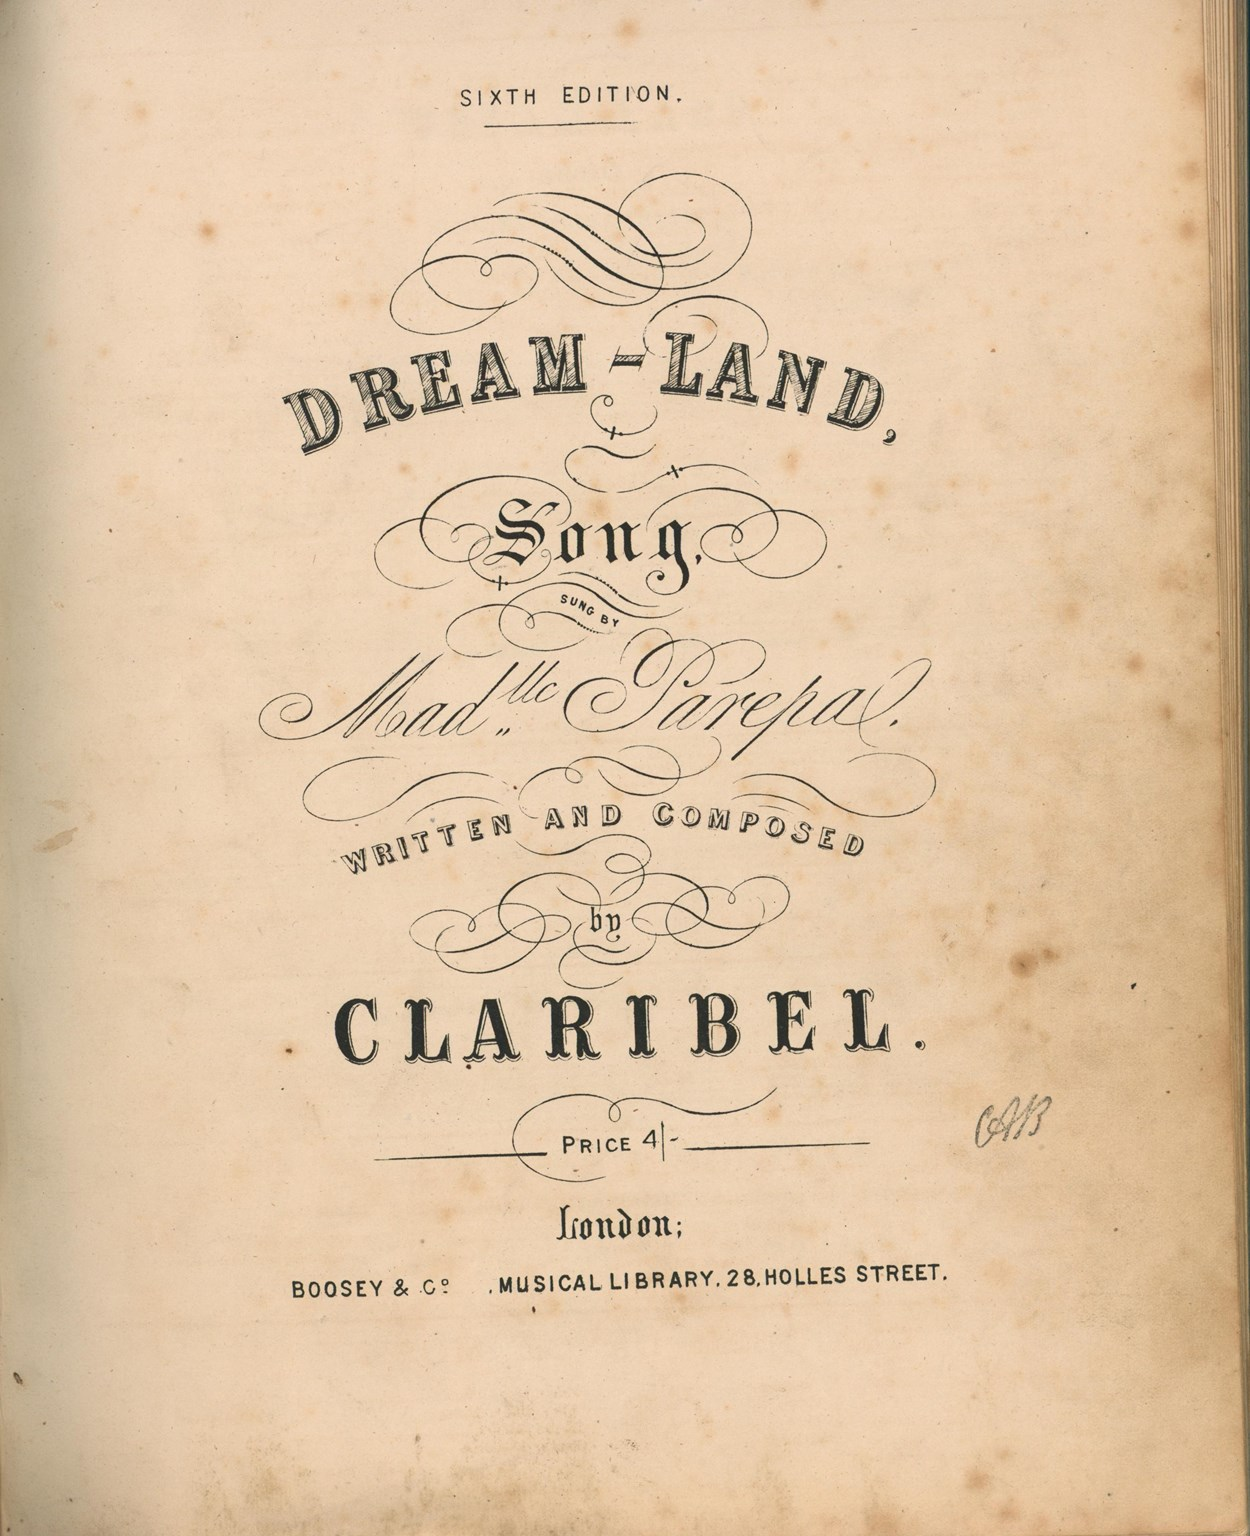 Claribel - Dream Land c.1853